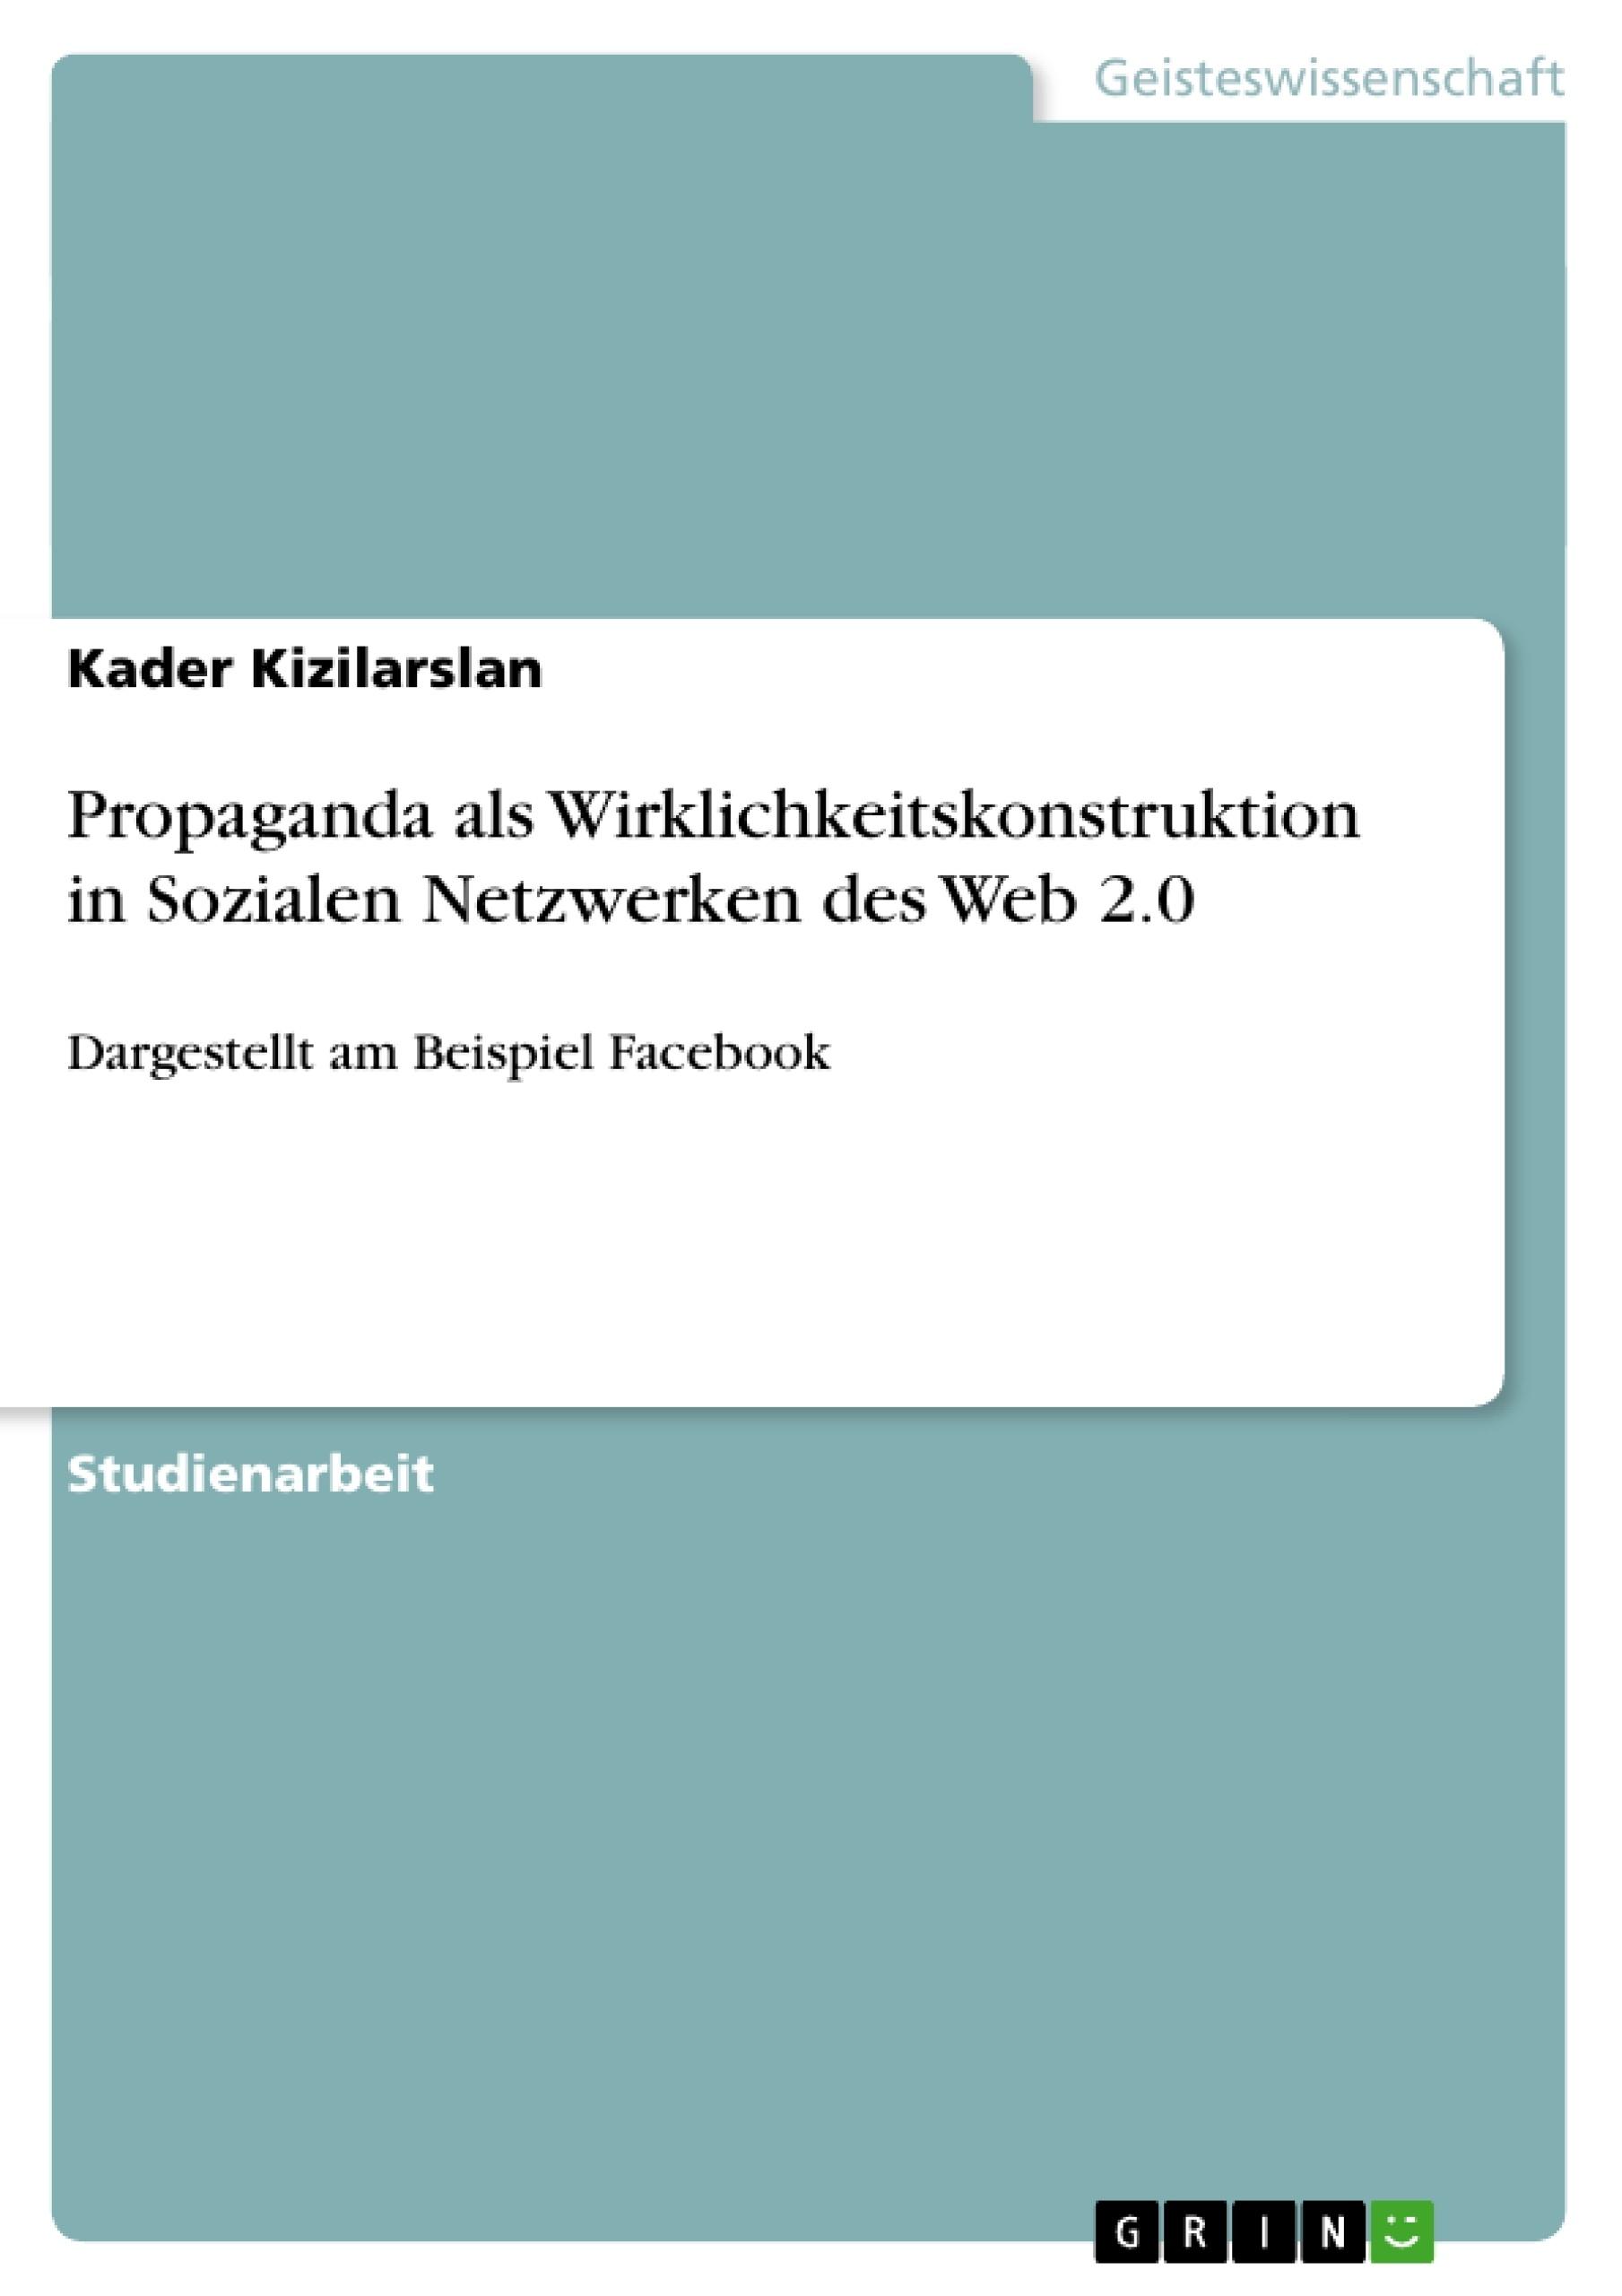 Titel: Propaganda als Wirklichkeitskonstruktion in Sozialen Netzwerken des Web 2.0